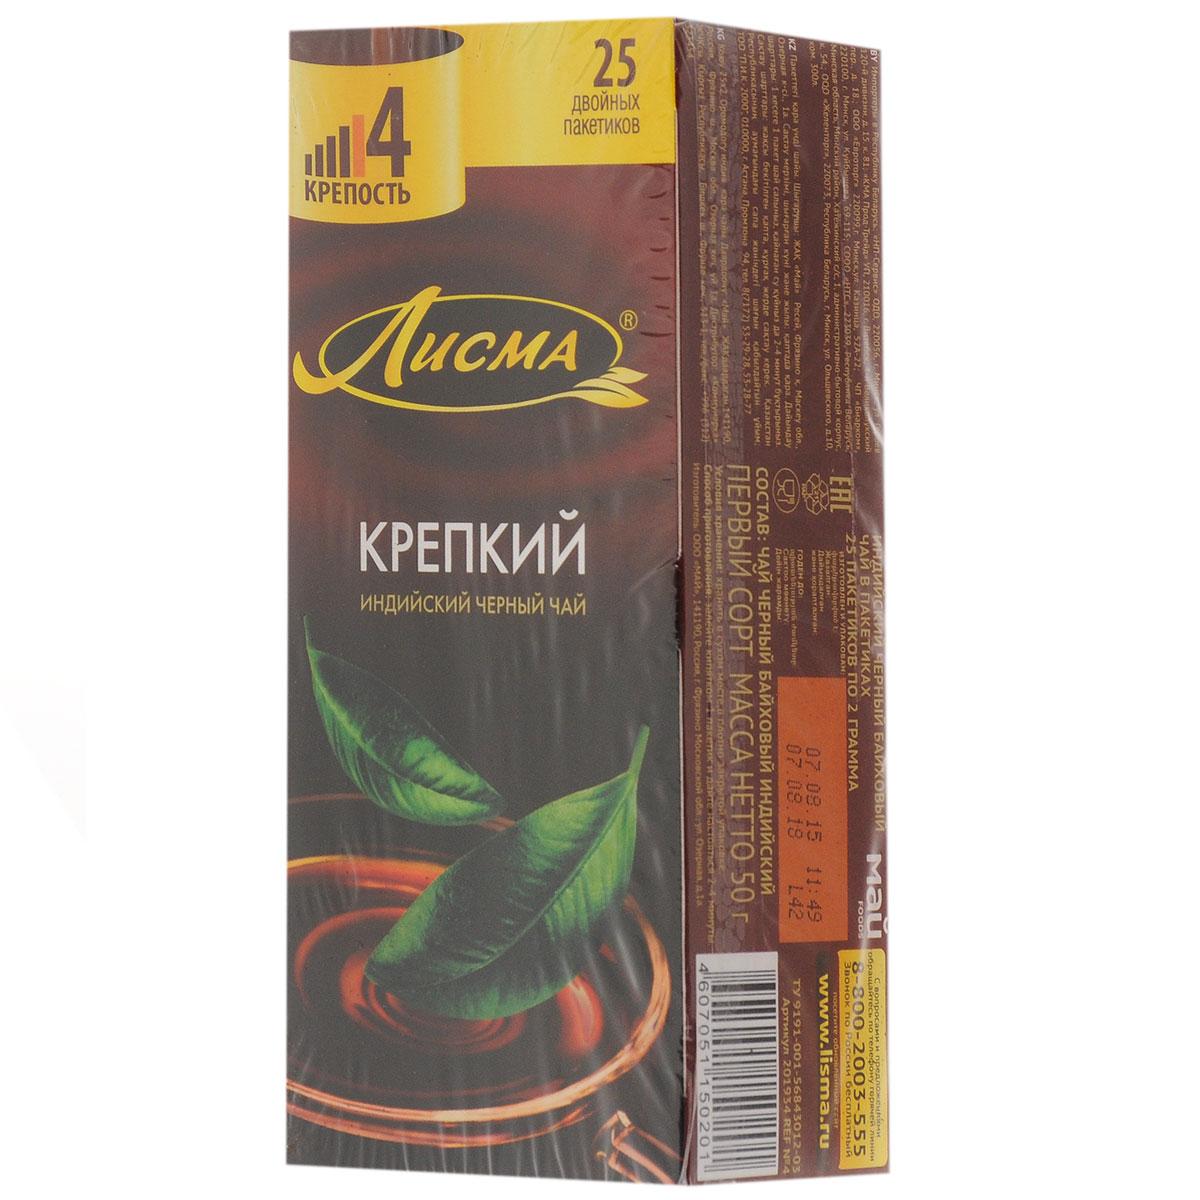 Лисма Крепкий черный чай в пакетиках, 25 шт201934Лисма Крепкий - индийский черный байховый чай в пакетиках. Коробка содержит 25 пакетиков по 2 грамма.